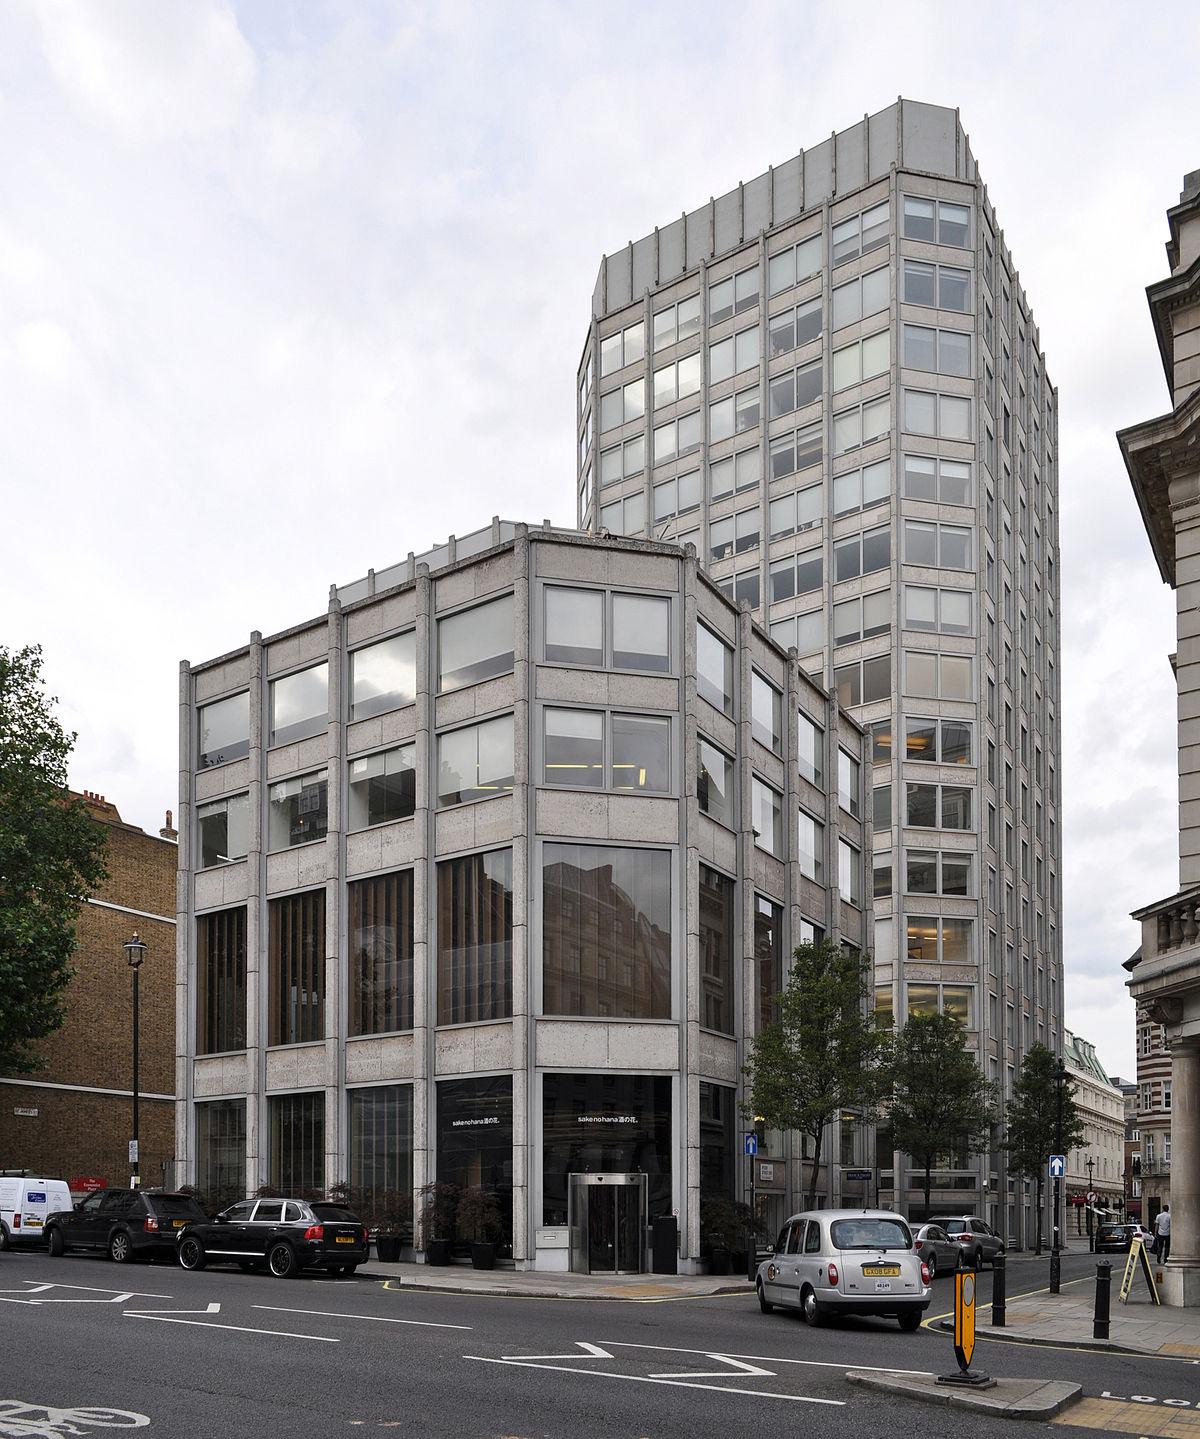 Four The Best Building: Economist Group